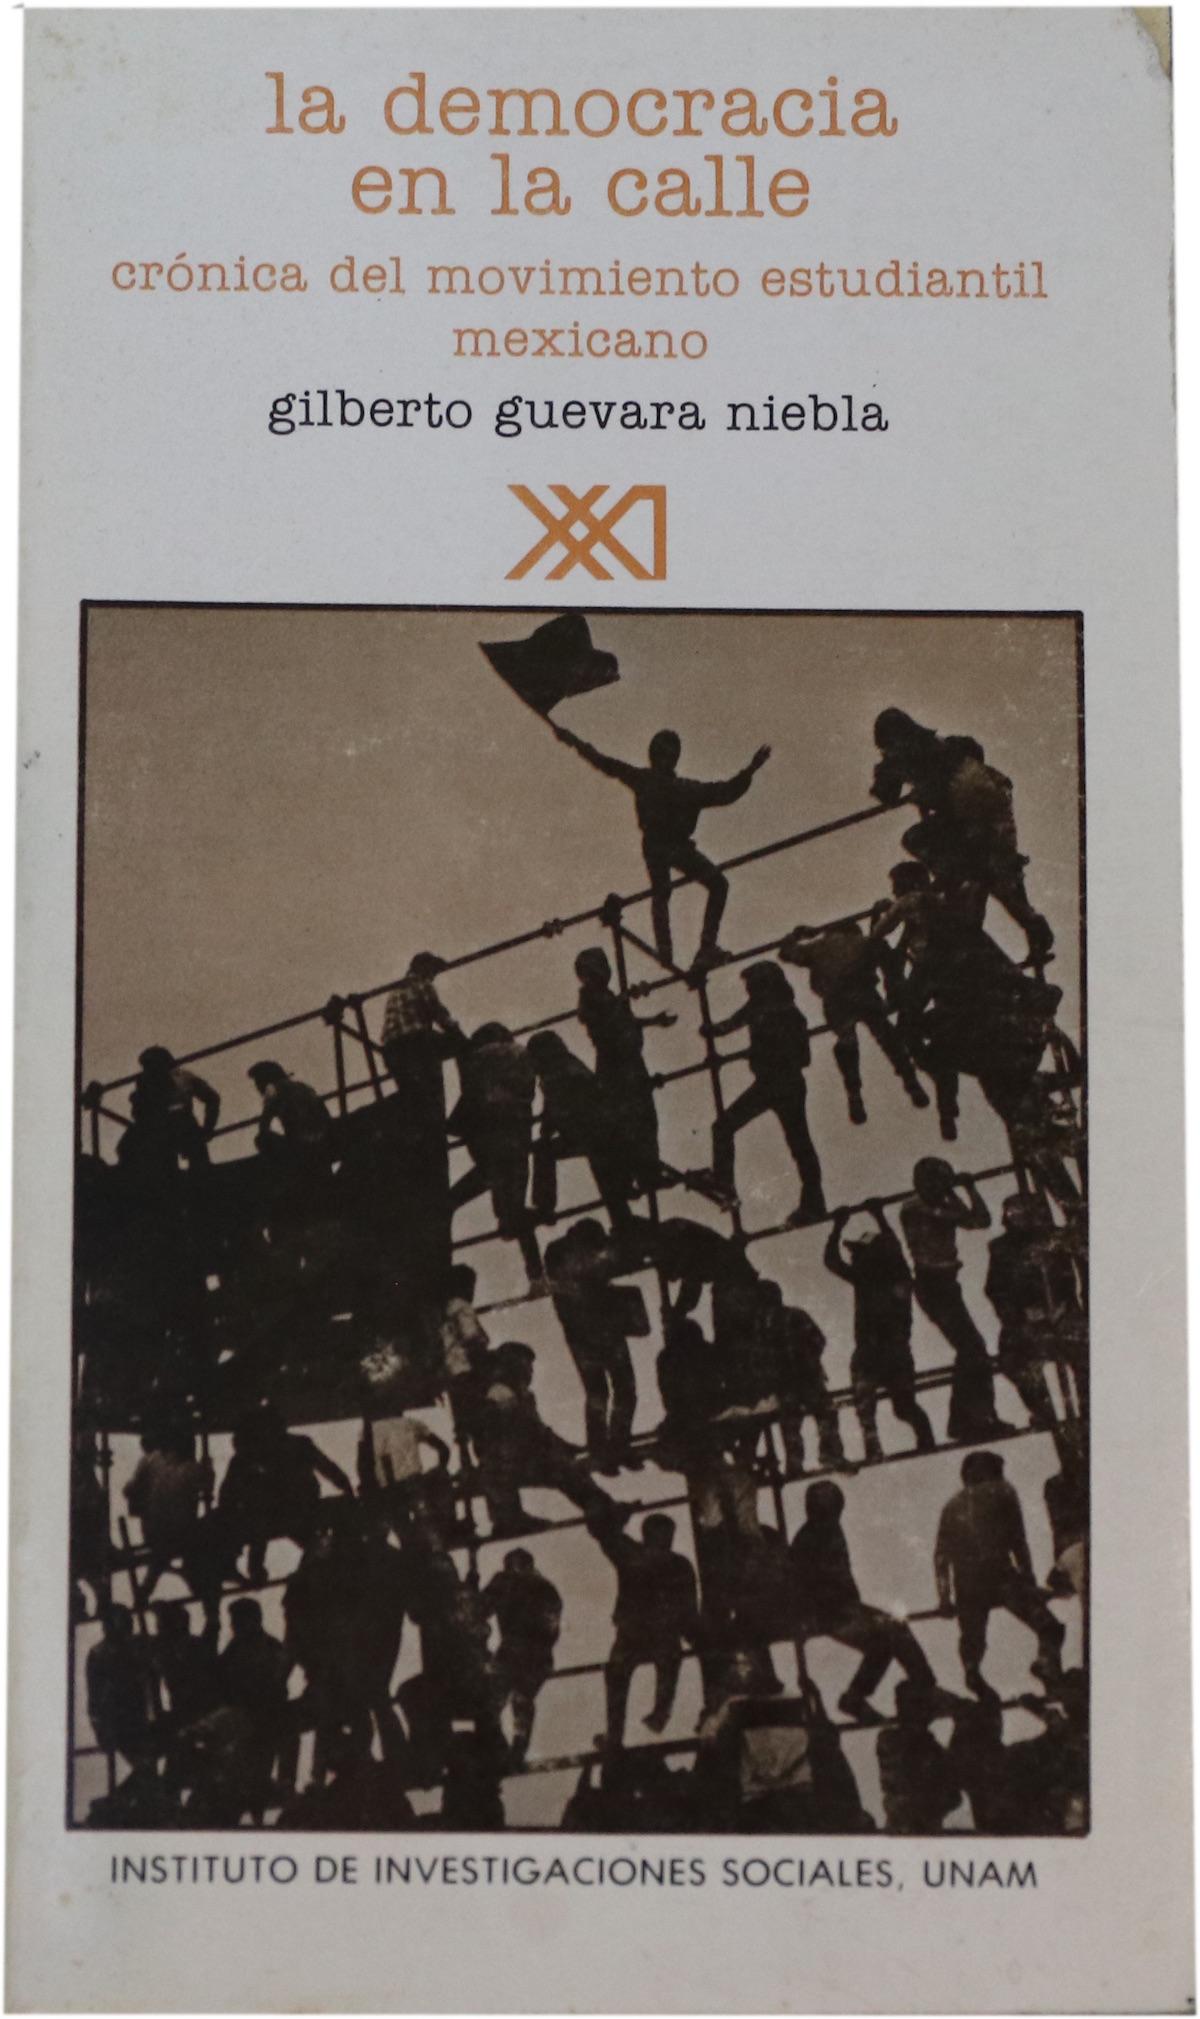 Libros sobre el 68